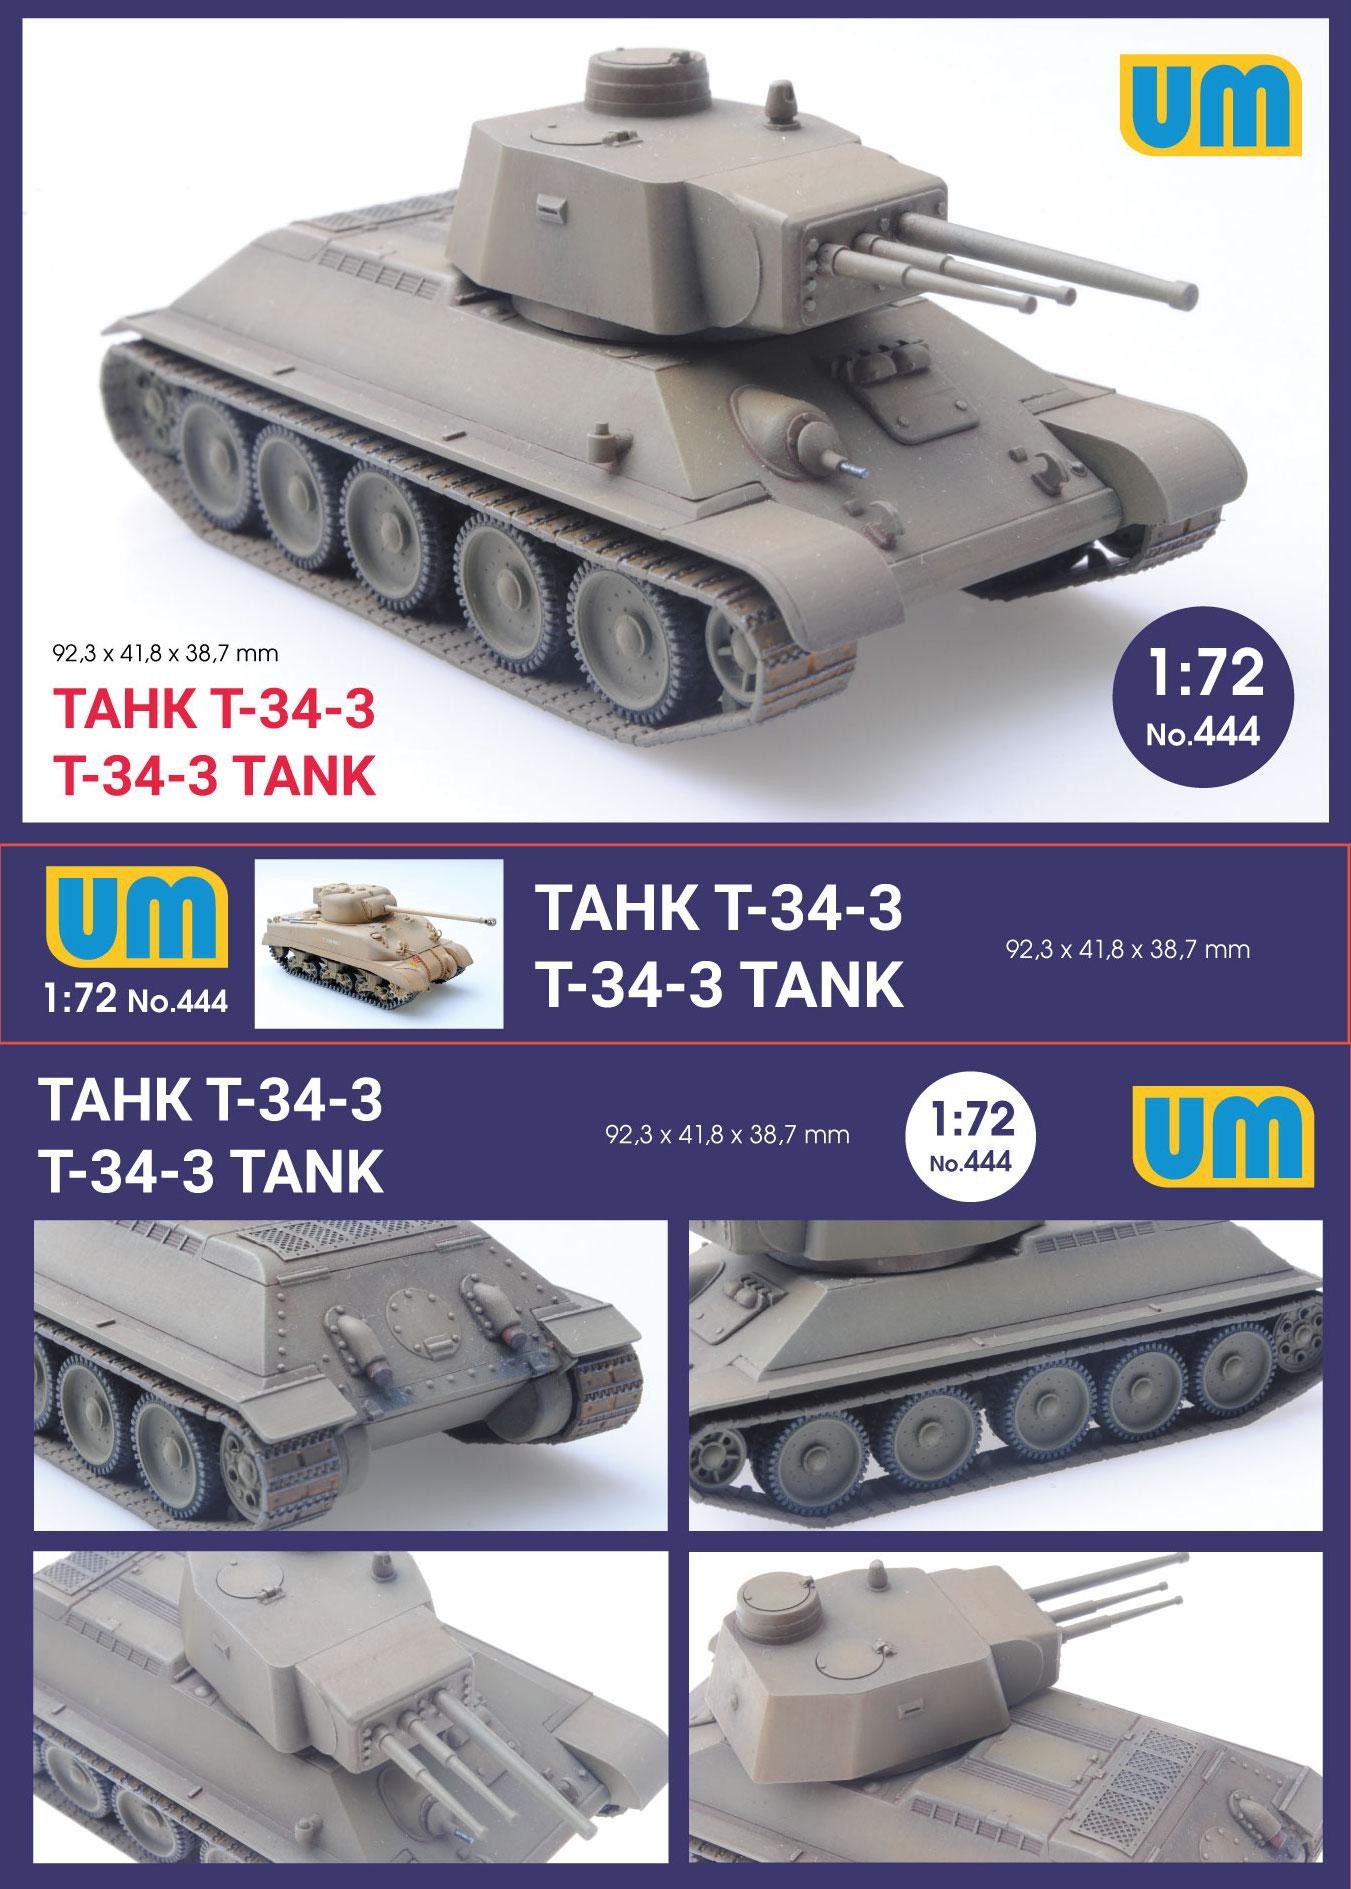 UNIM444